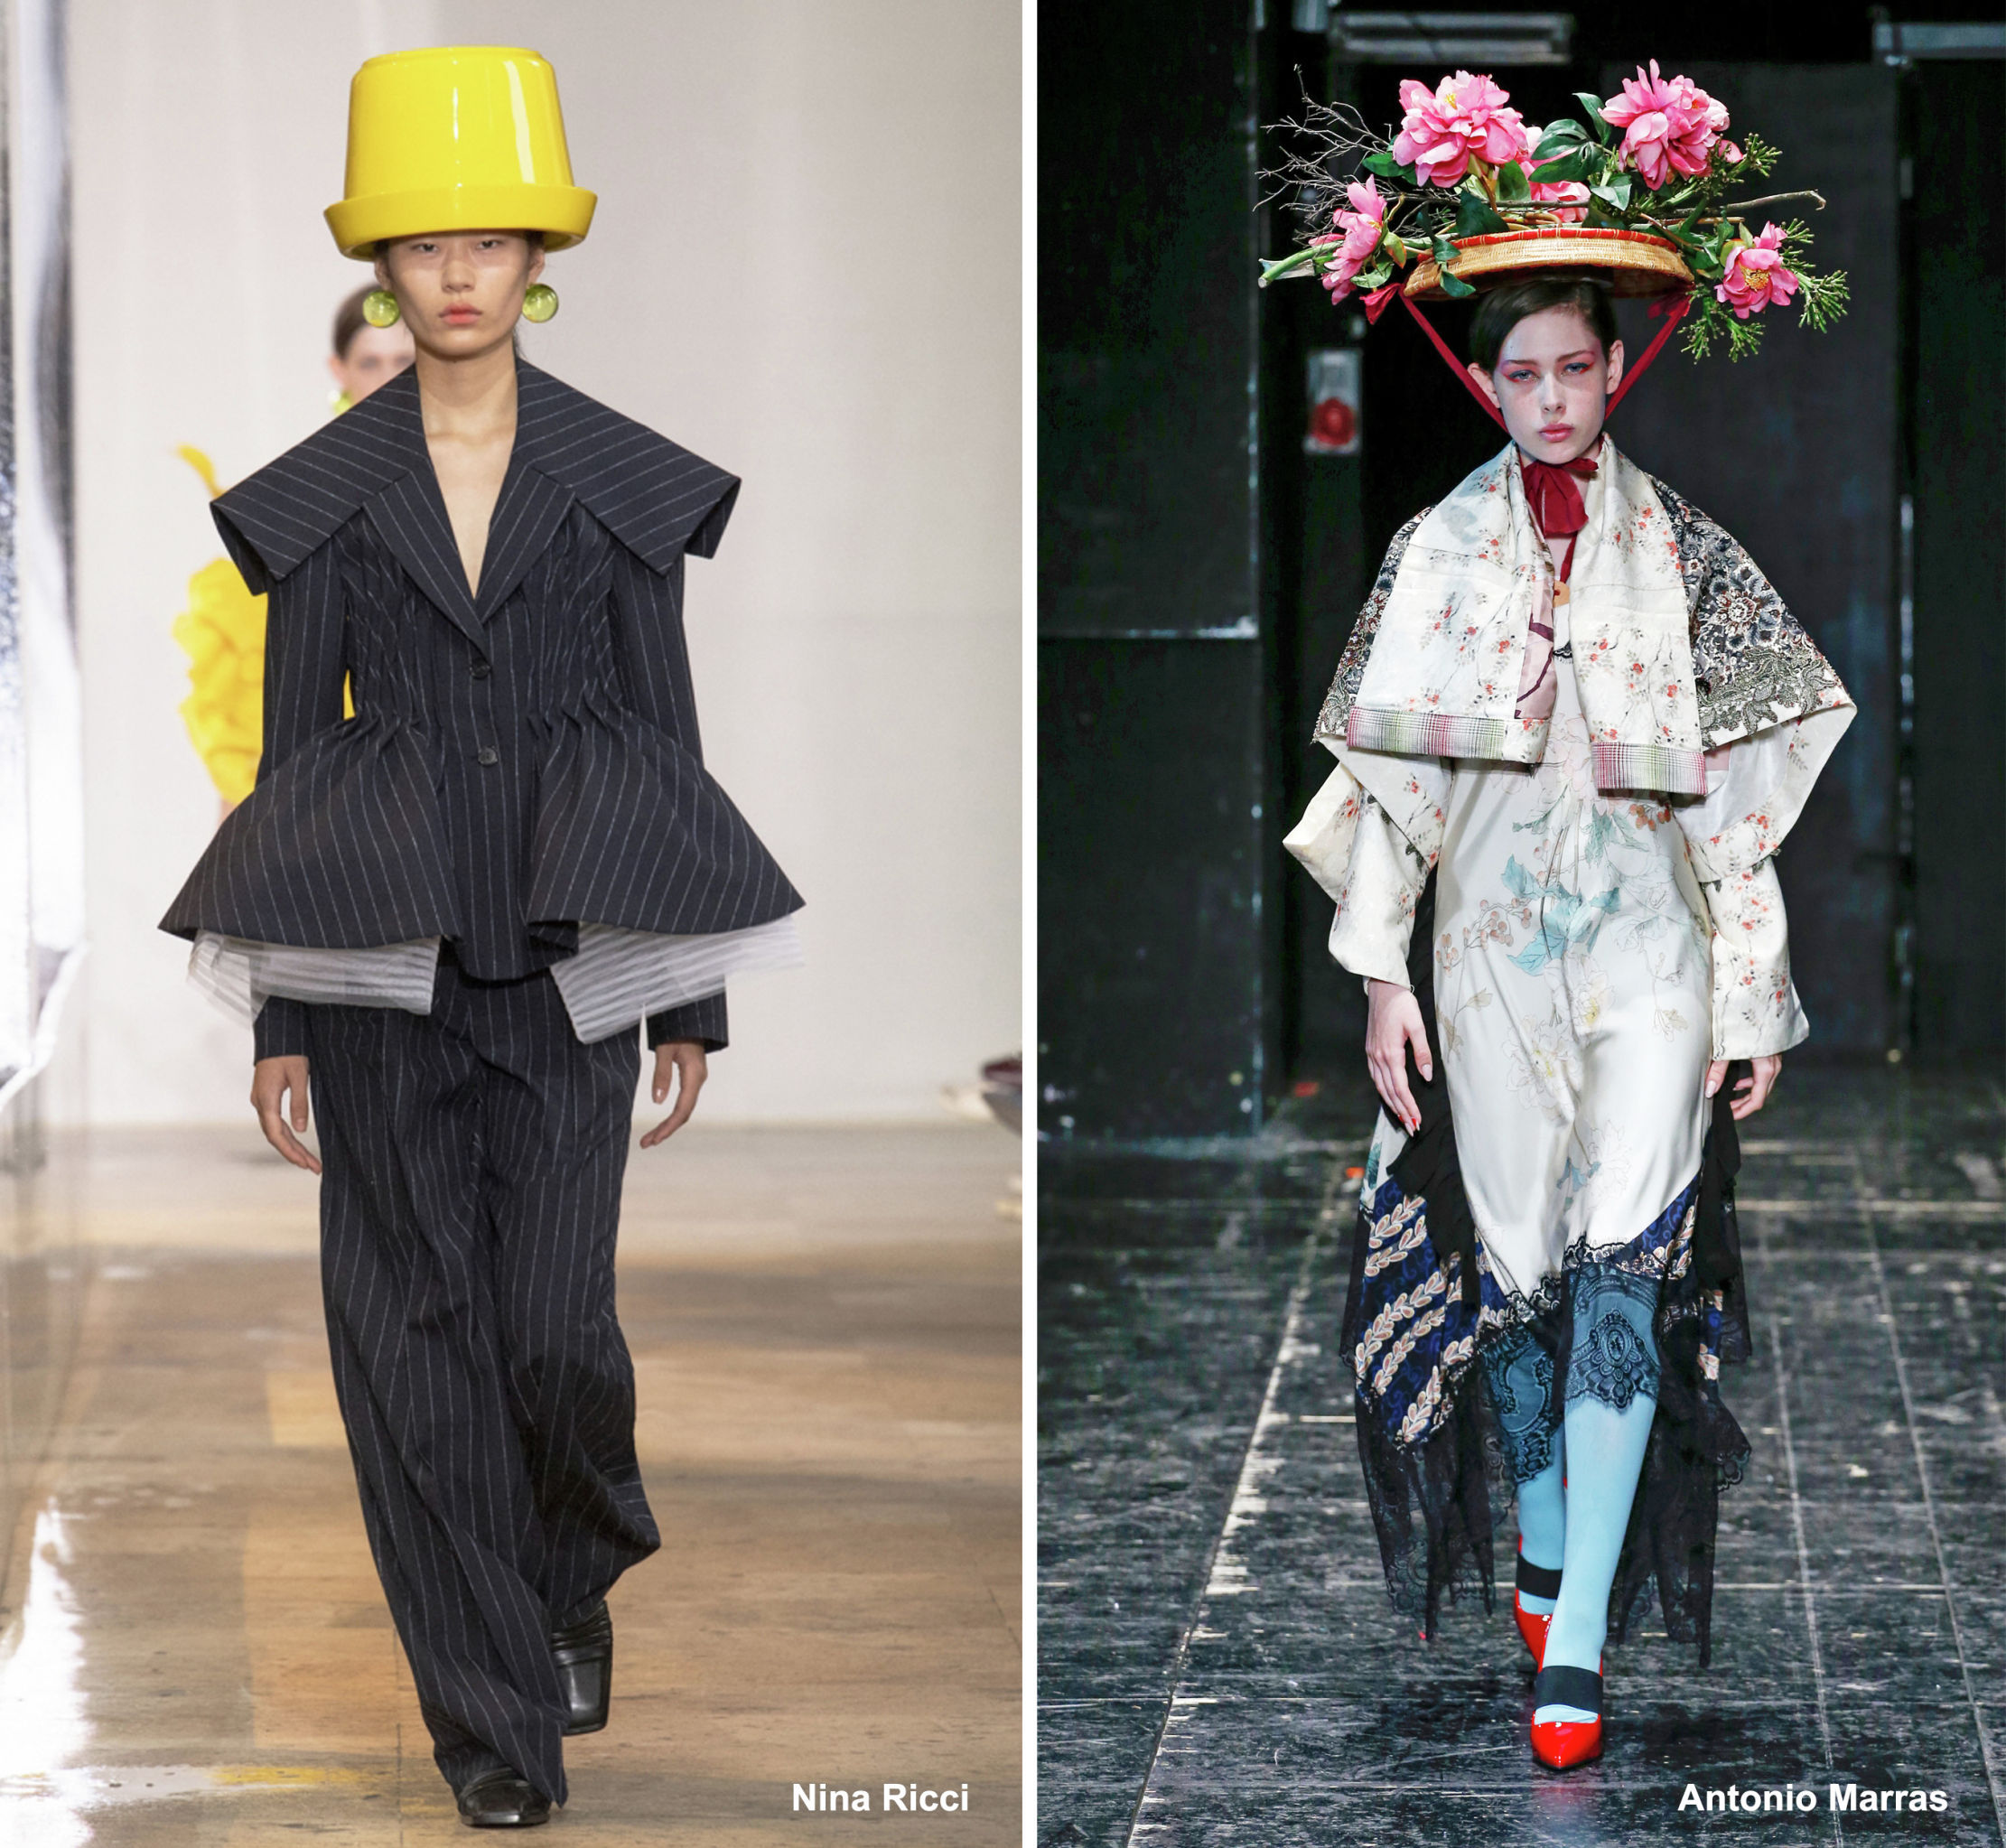 Шляпы для самых смелых модниц в коллекциях Nina Ricci и Antonio Marras, весна-лето – 2020